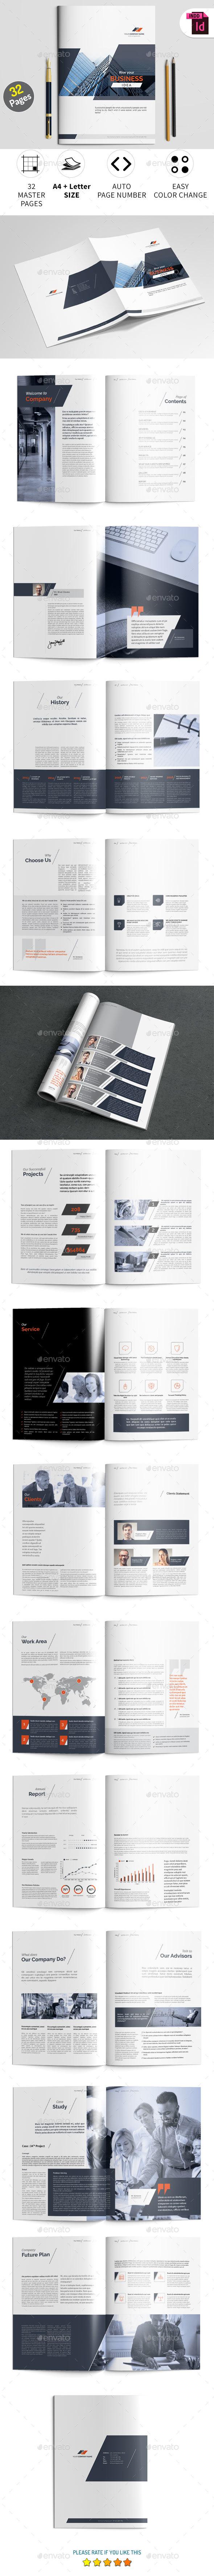 Profile - Corporate Brochures